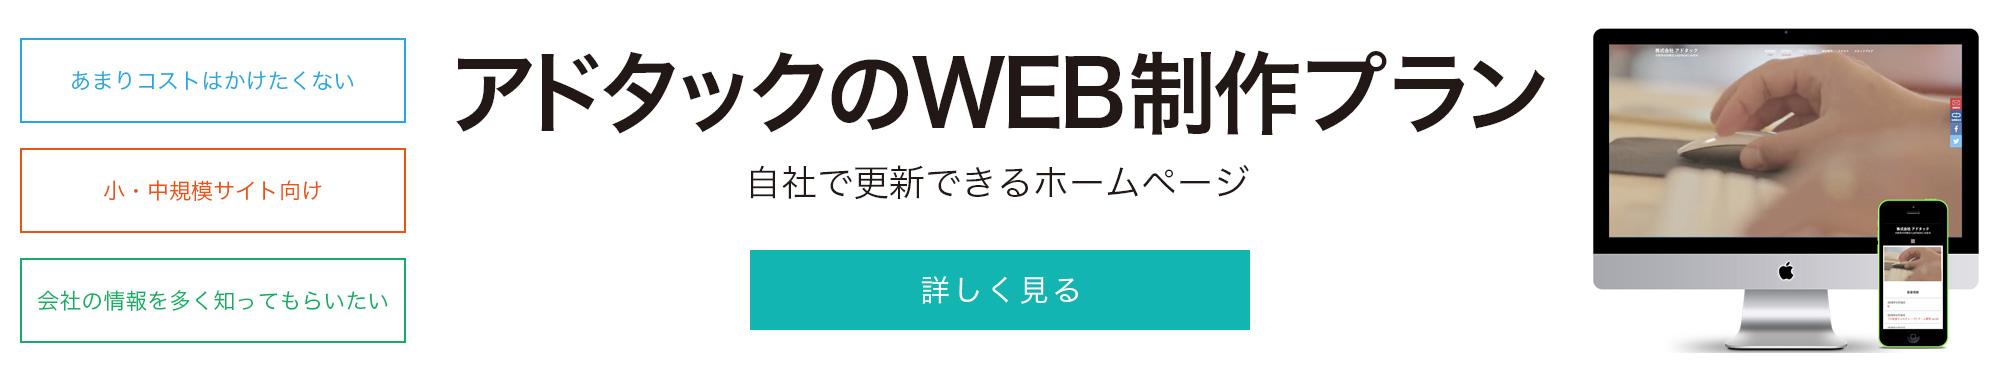 webバナー